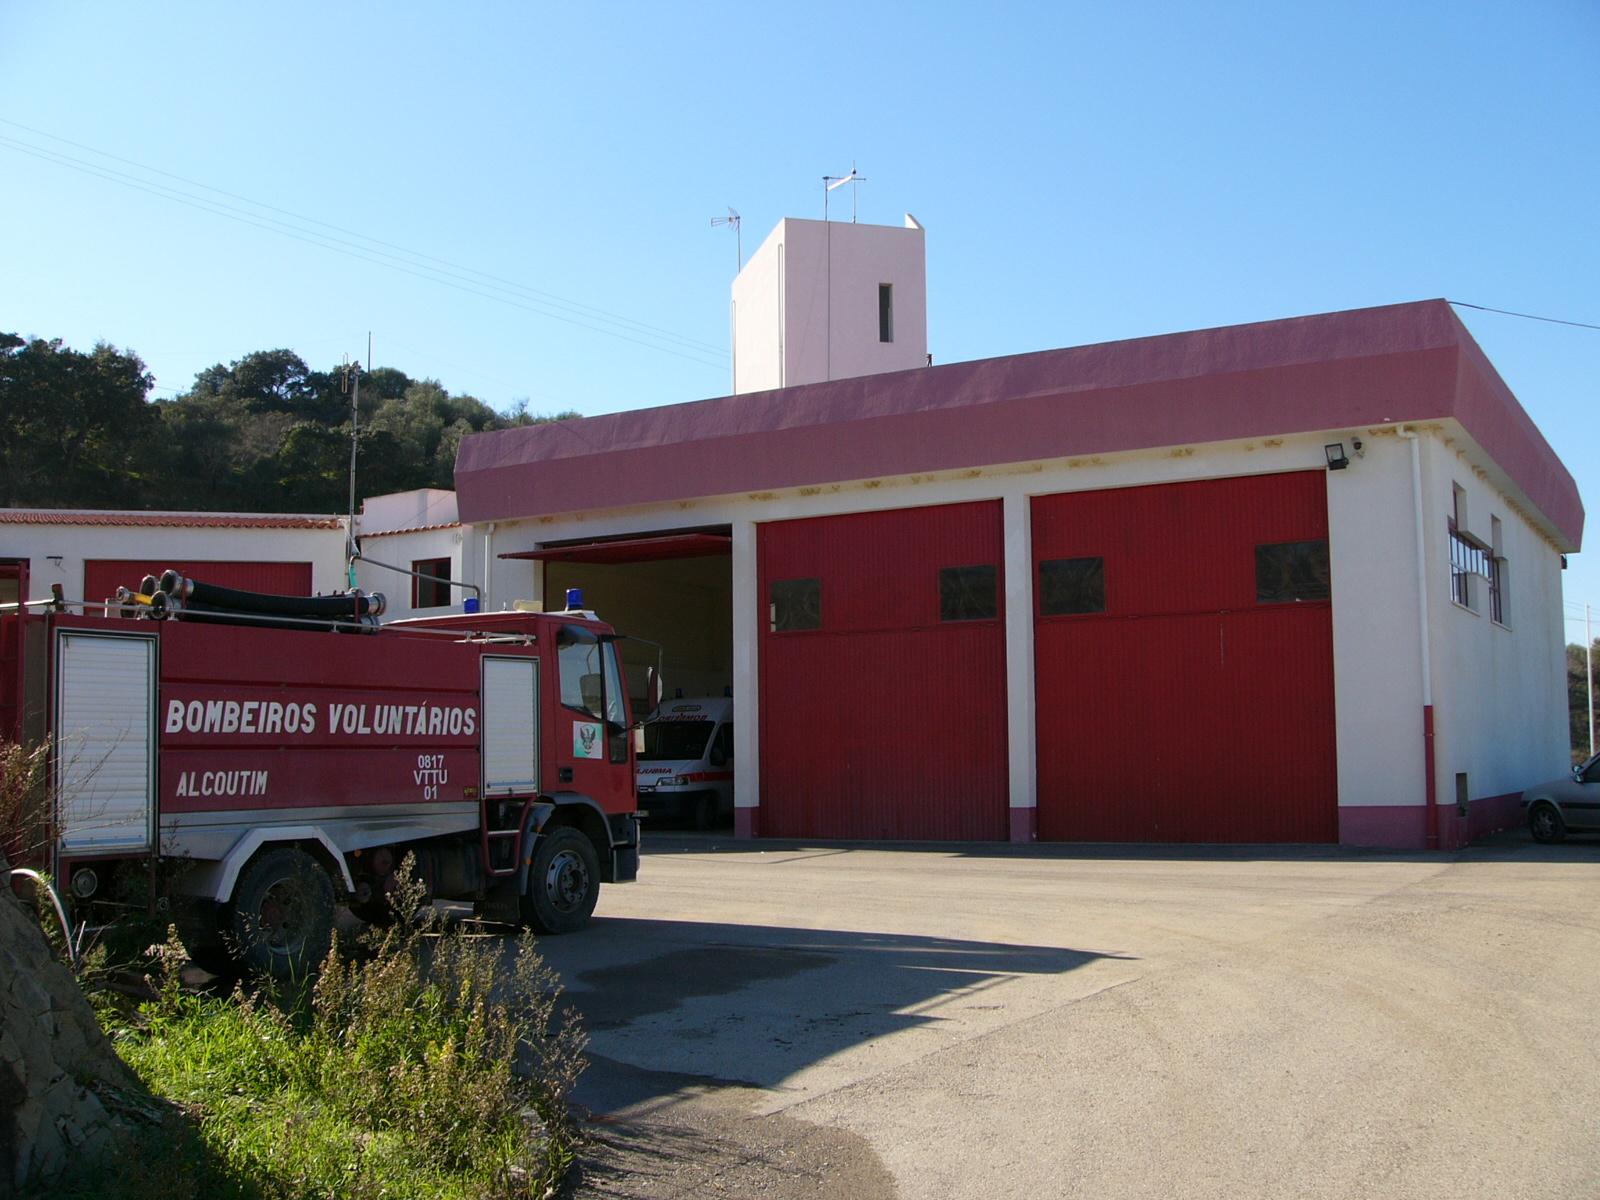 bombeiros voluntarios de alcoutim